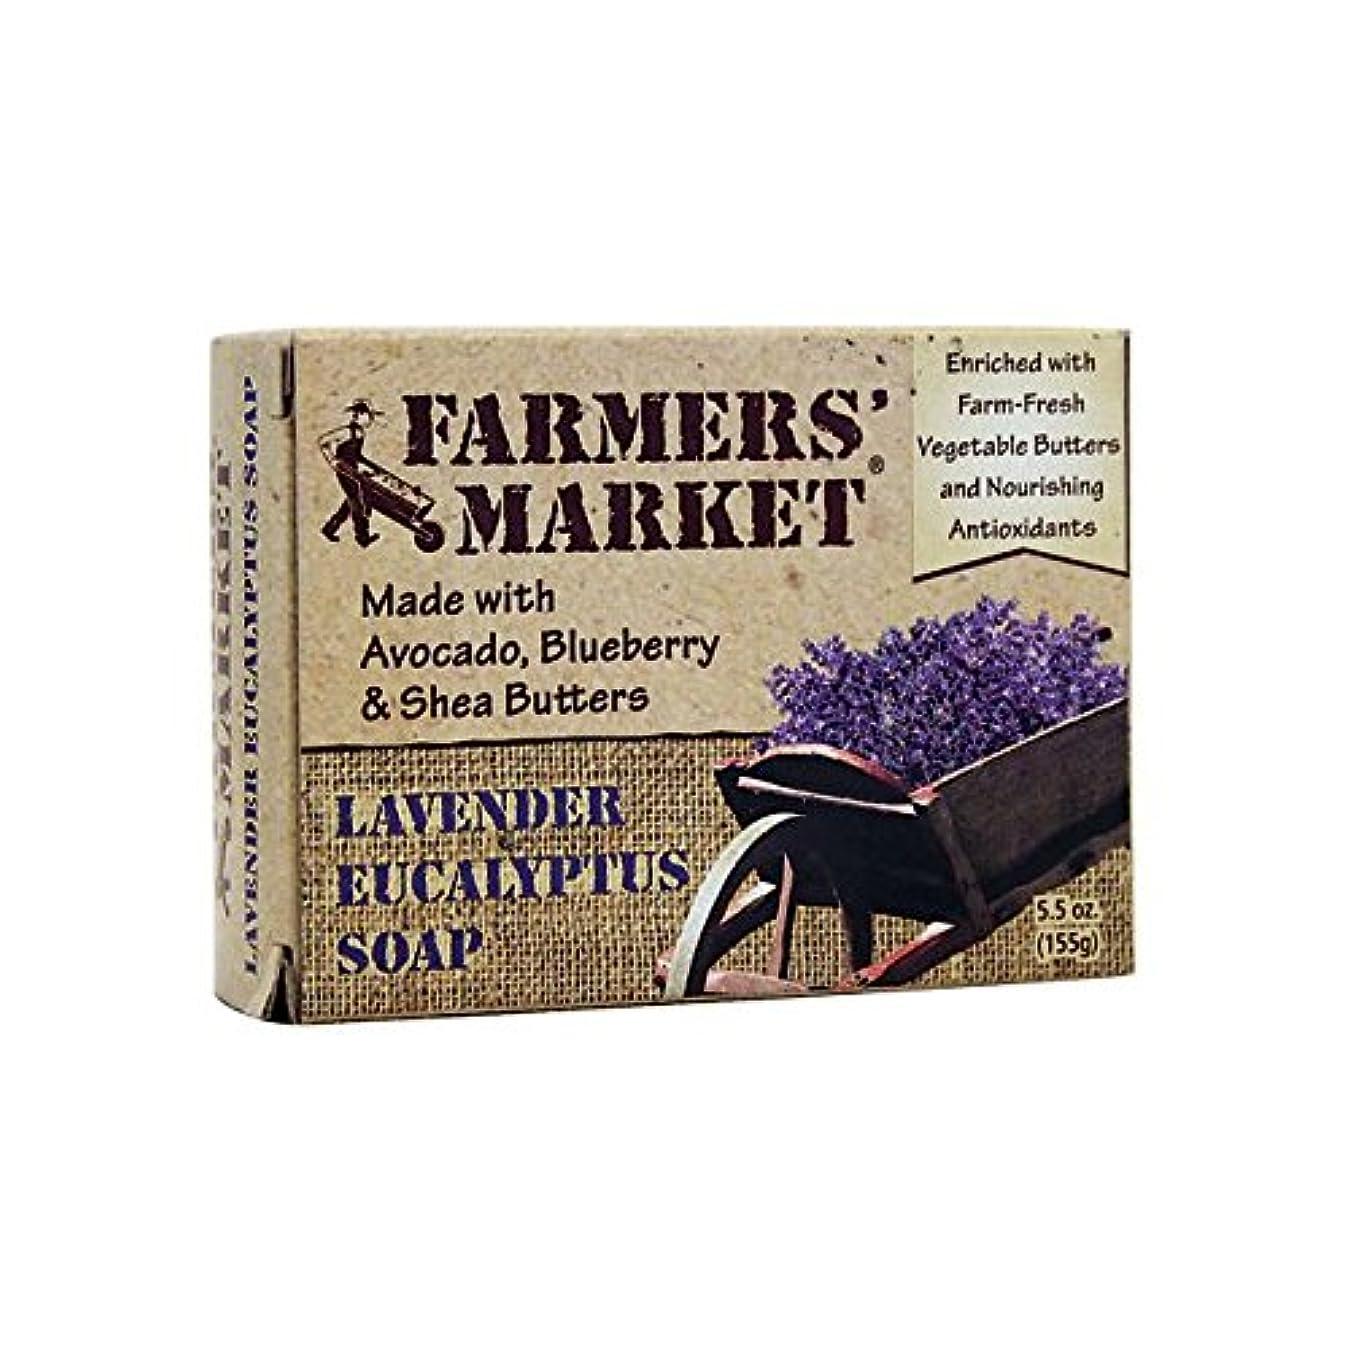 飛び込む待って知っているに立ち寄るFarmers' Market Soaps, Lavender Eucalyptus Soap, 5.5 oz (155 g) (Discontinued Item)